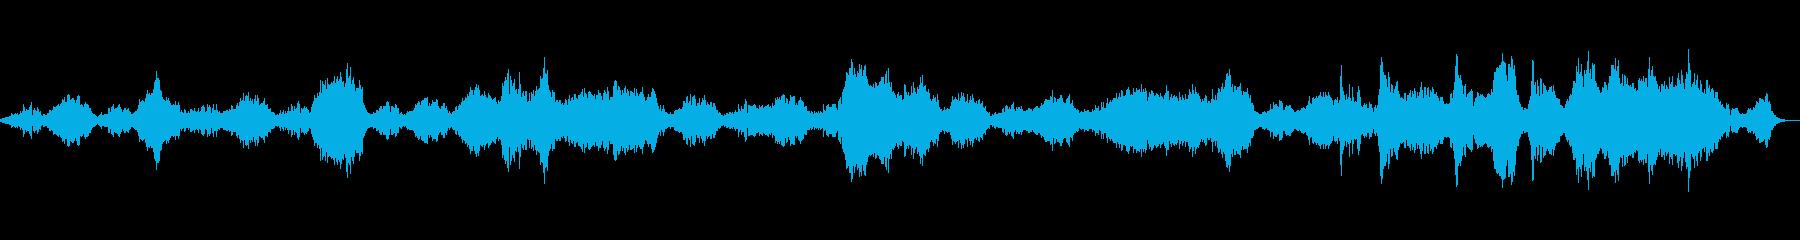 純粋・静かなアンビエントサウンドBGMの再生済みの波形